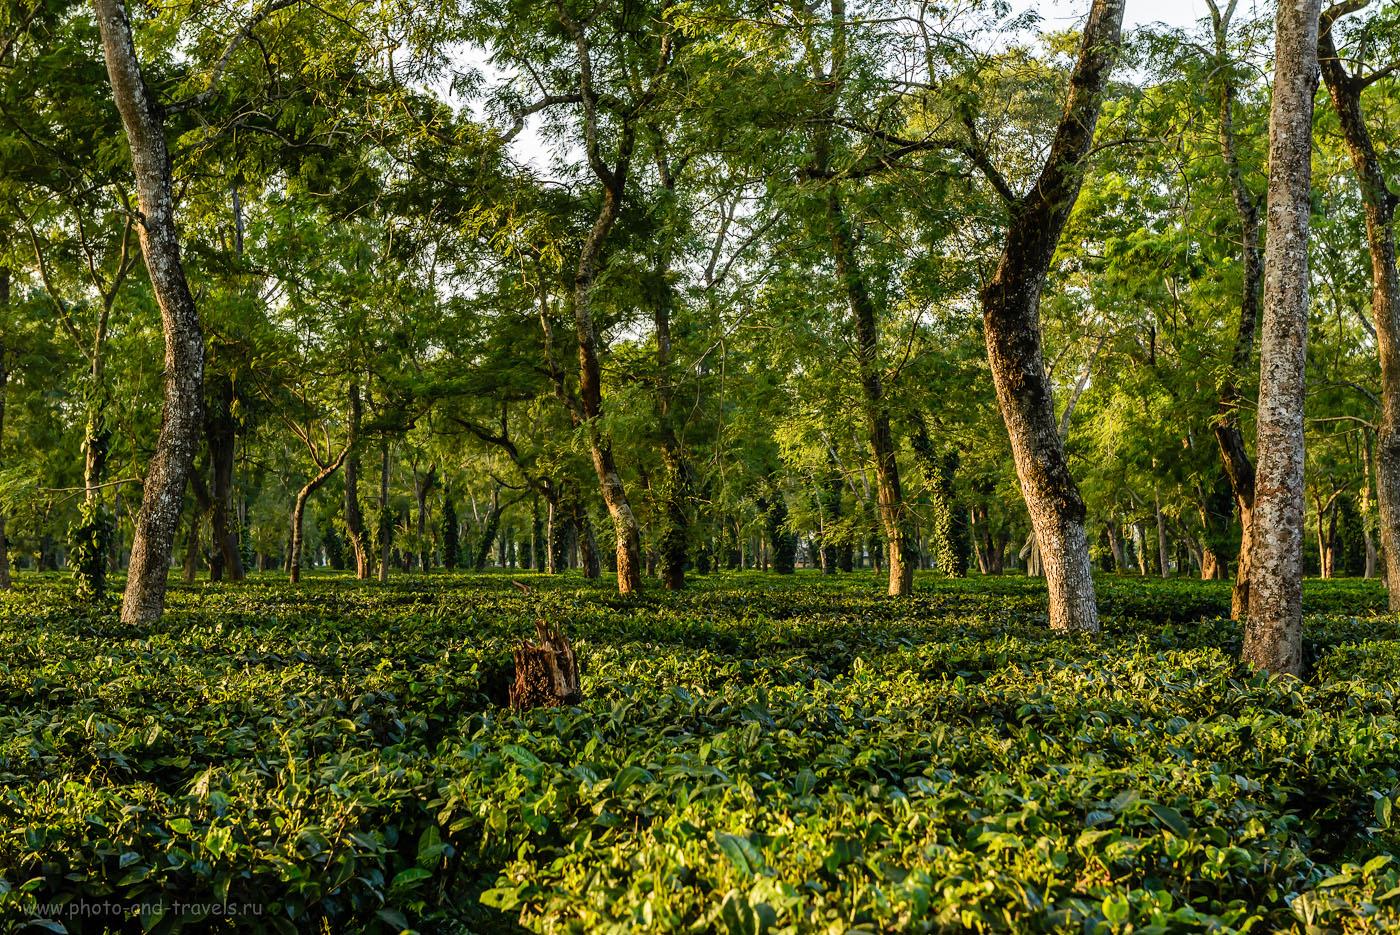 Фотография 2. Чайная плантация в окрестностях заповедника Kaziranga National Park. Отзывы туристов о поездке на слоновье сафари с носорогами. По Индии дикарями. 1/125, -0.33, 7.1, 1250, 62. Объектив Nikon 24-70/2.8.